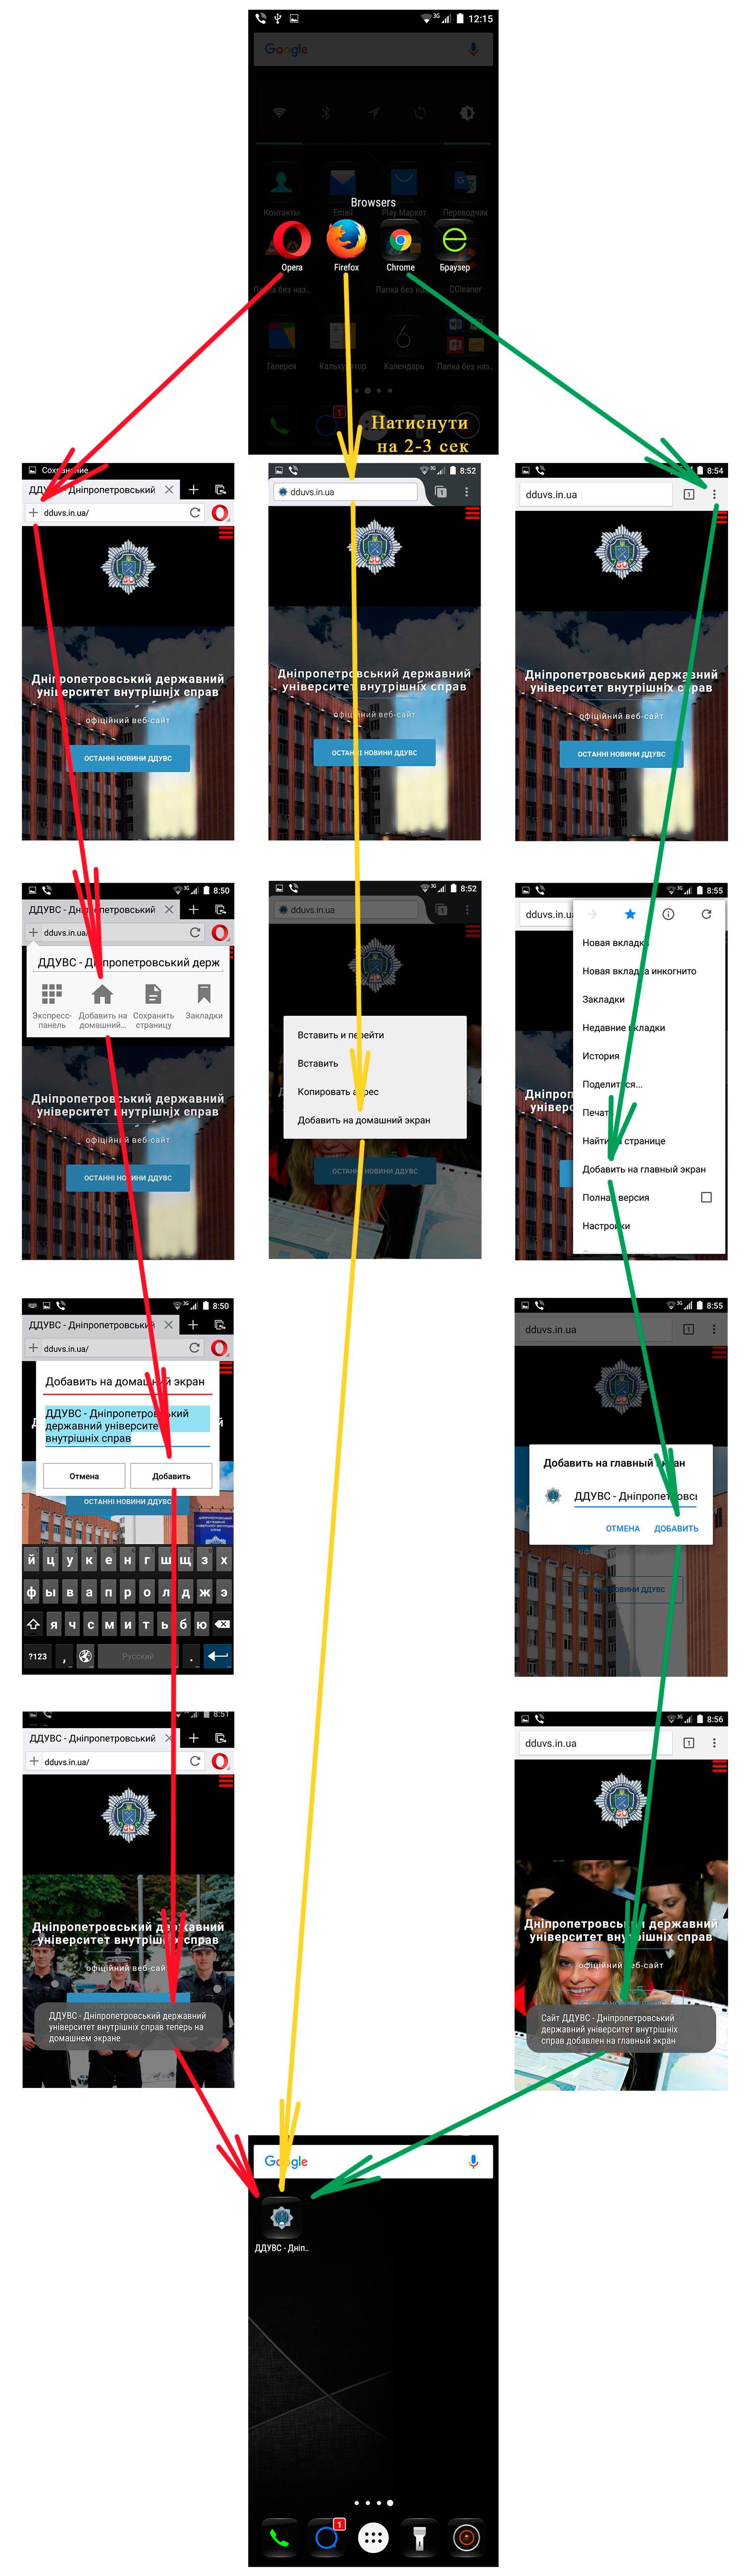 Створення іконки сайту на головному екрані телефонів з операційною системою Android